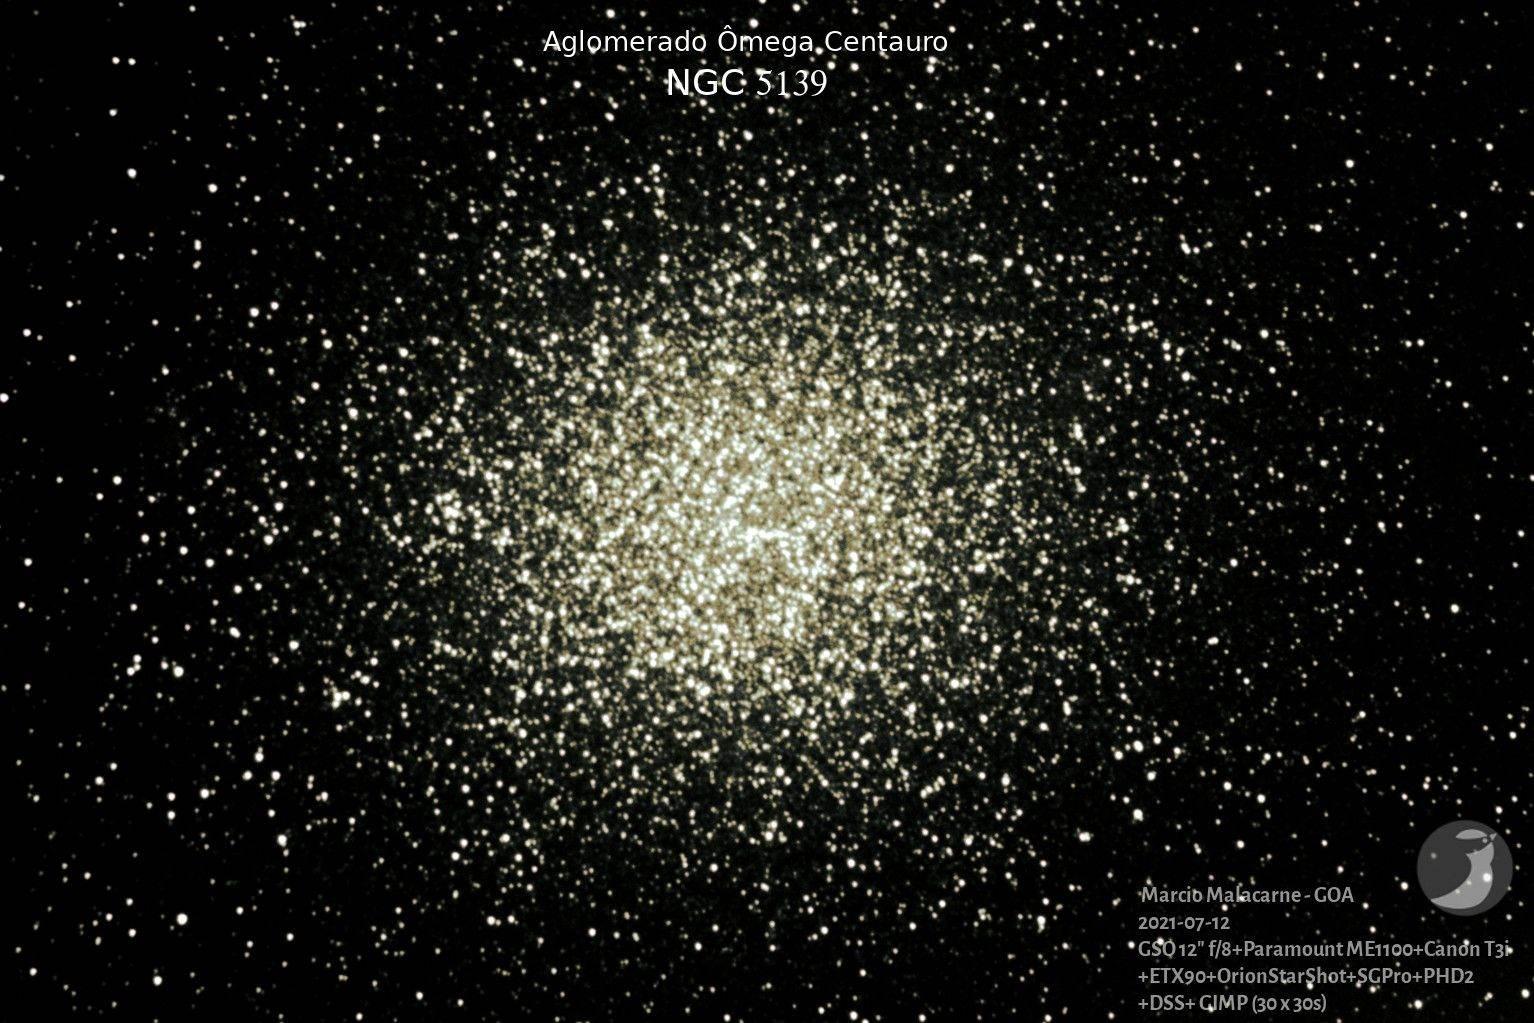 Imagens captadas pelo telescópio Remoto do Espírito Santo/Divulgação